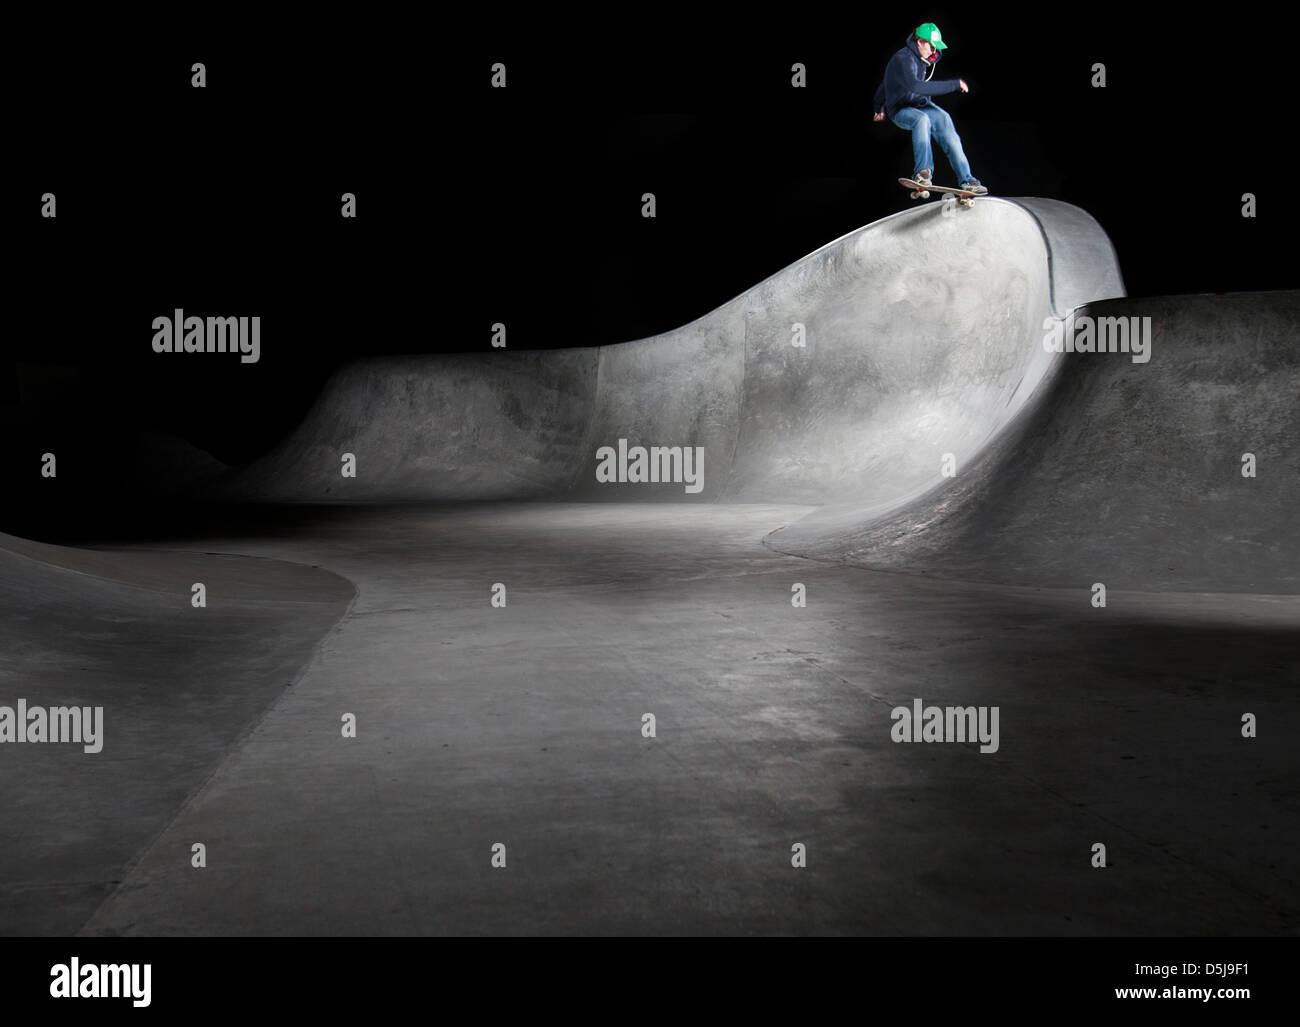 Un pattinatore giostre di notte in Saughtons outdoor skatepark in cemento Immagini Stock